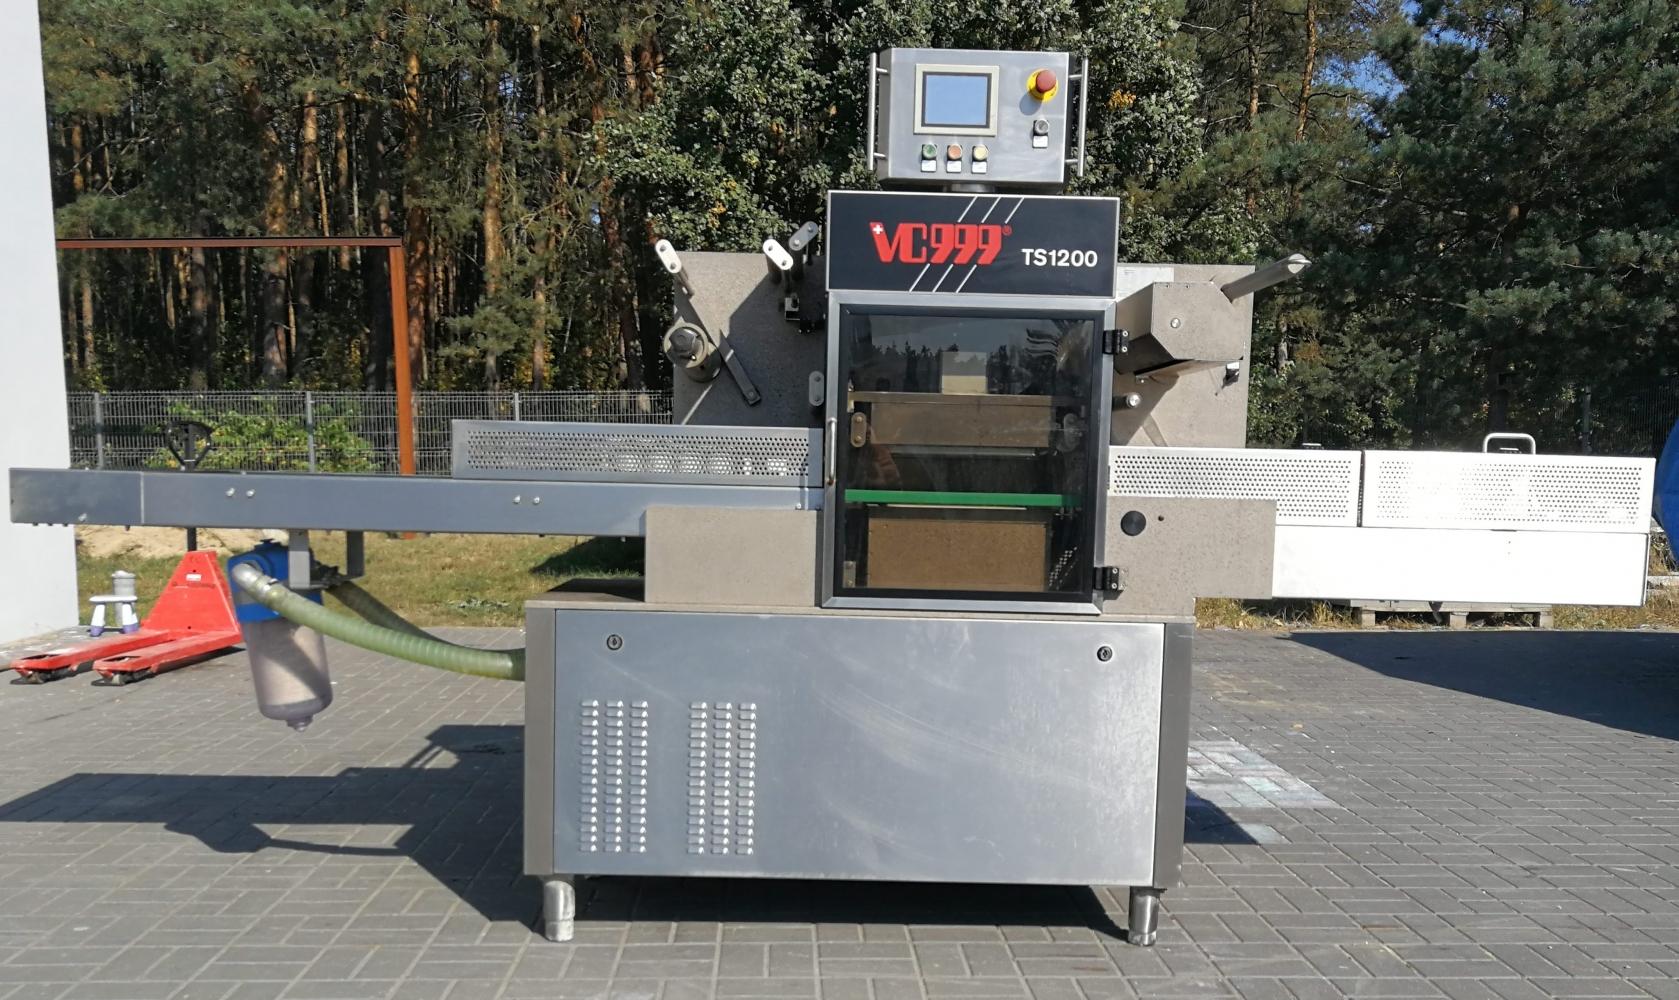 VC999 TS1200